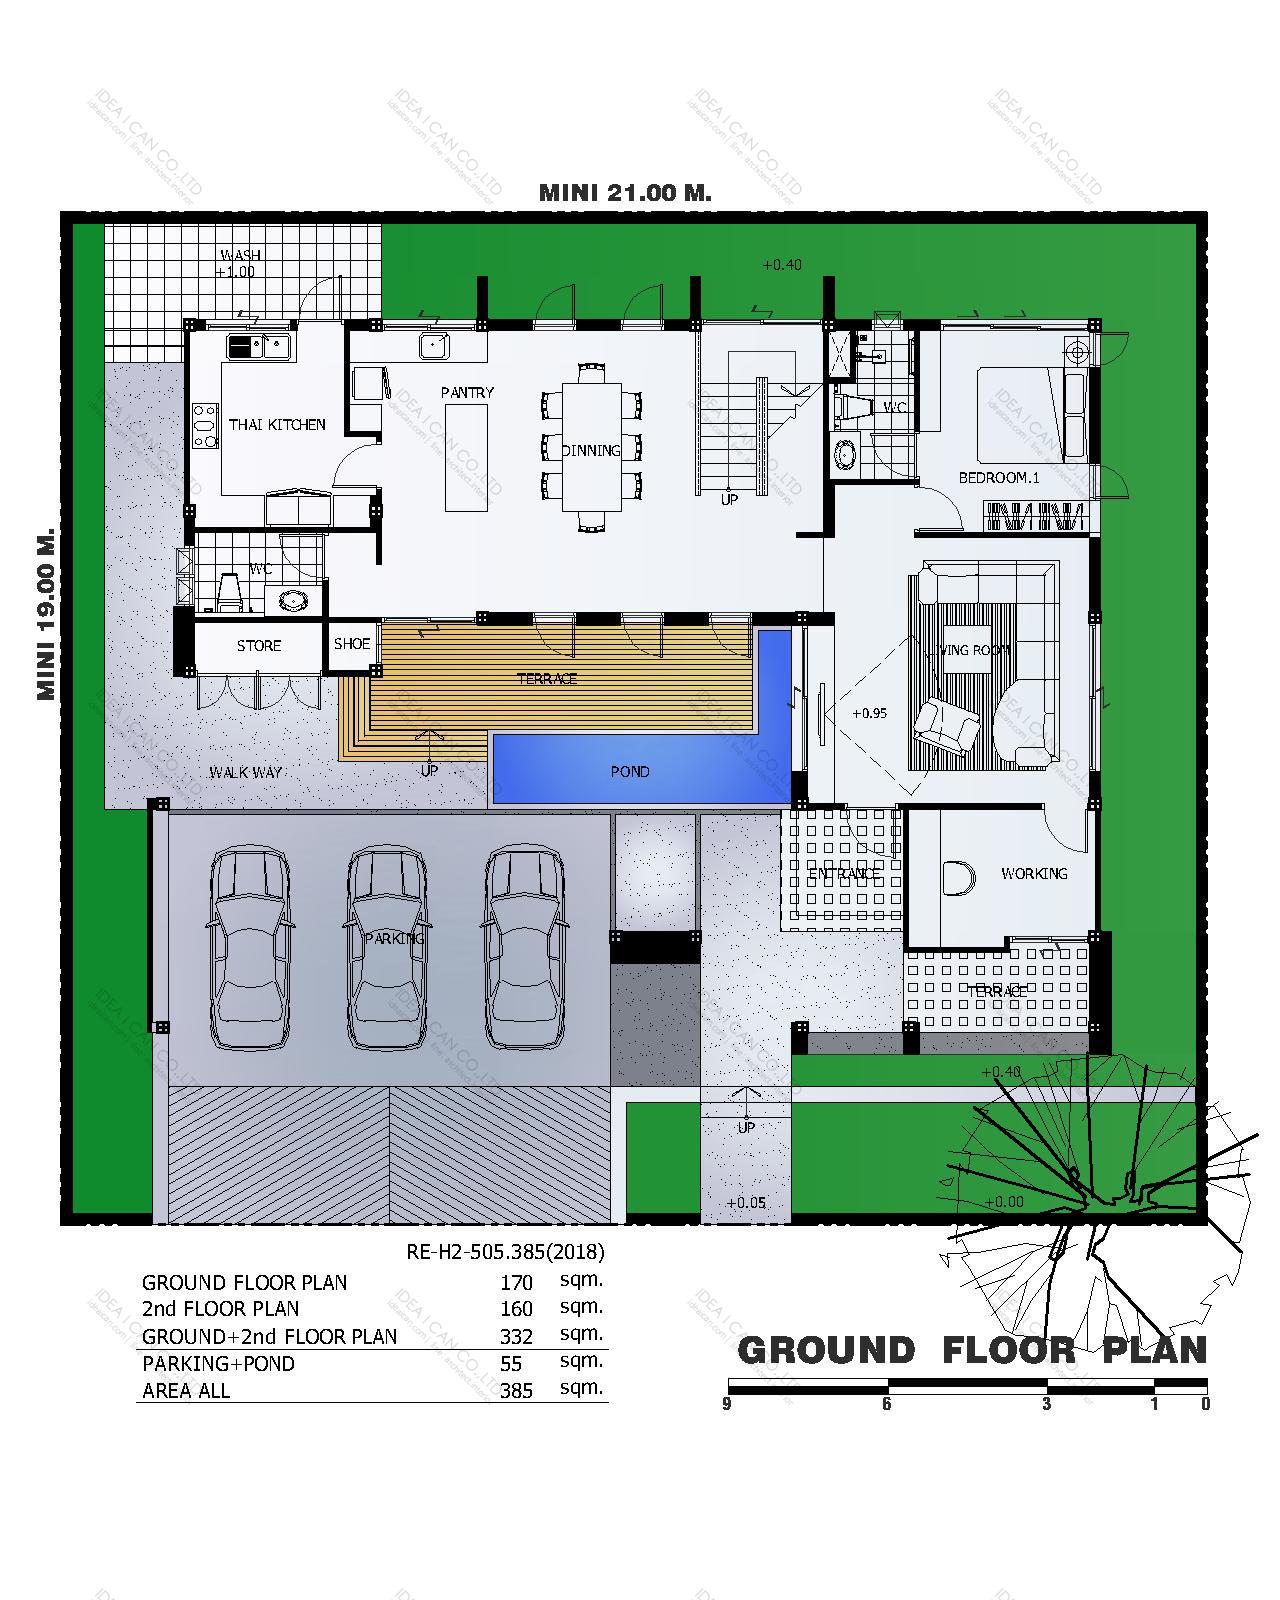 แบบบ้านสองชั้นสไตล์รีสอร์ท, แบบบ้าน 2 ชั้น, แบบบ้าน 4 ห้องนอน, ห้องน้ำสไตล์รีสอรท, พื้นที่ใช้สอย 385 ตร.ม., RE-H2-505.385(2018), แบบบ้านสไตล์รีสอร์ท , รับเหมาก่อสร้าง, รับสร้างบ้าน, รับสร้างบ้านสองชั้น